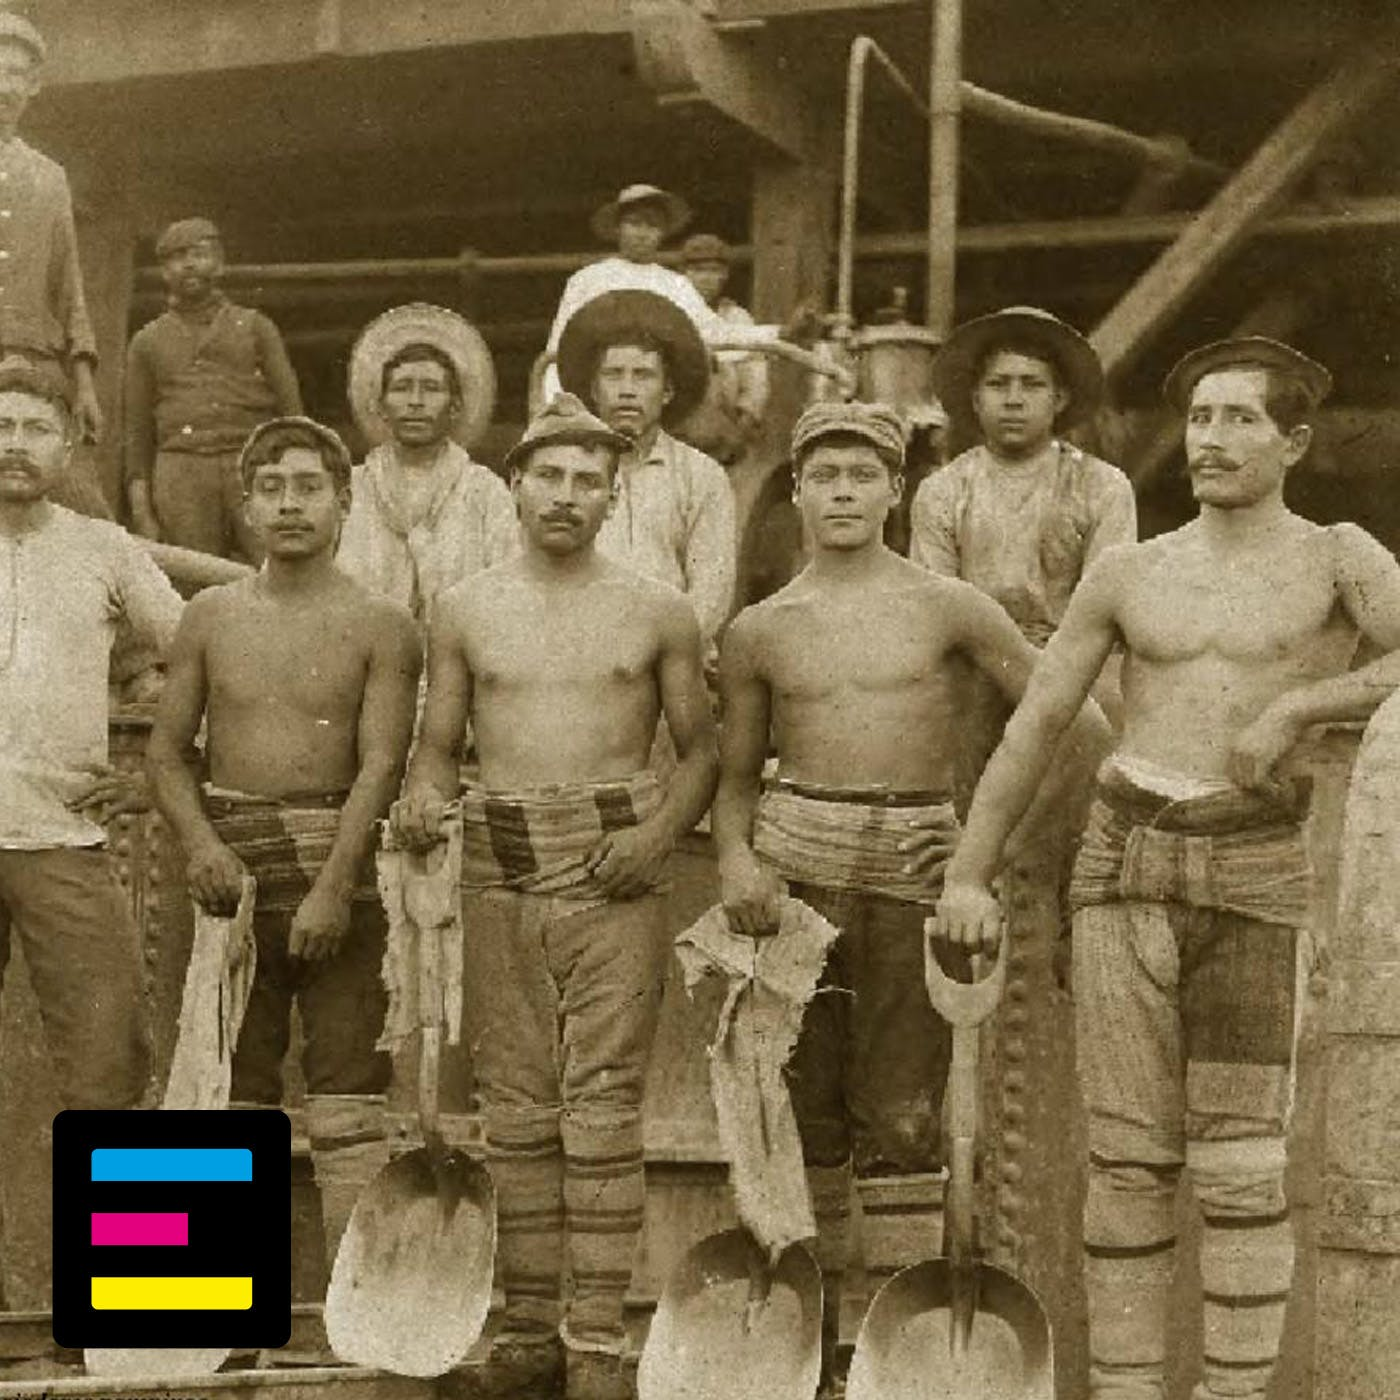 21 de Diciembre de 1907: Matanza de Santa María de Iquique - 21 de Diciembre de 1907: Matanza de Santa María de Iquique - Emisor Podcasting